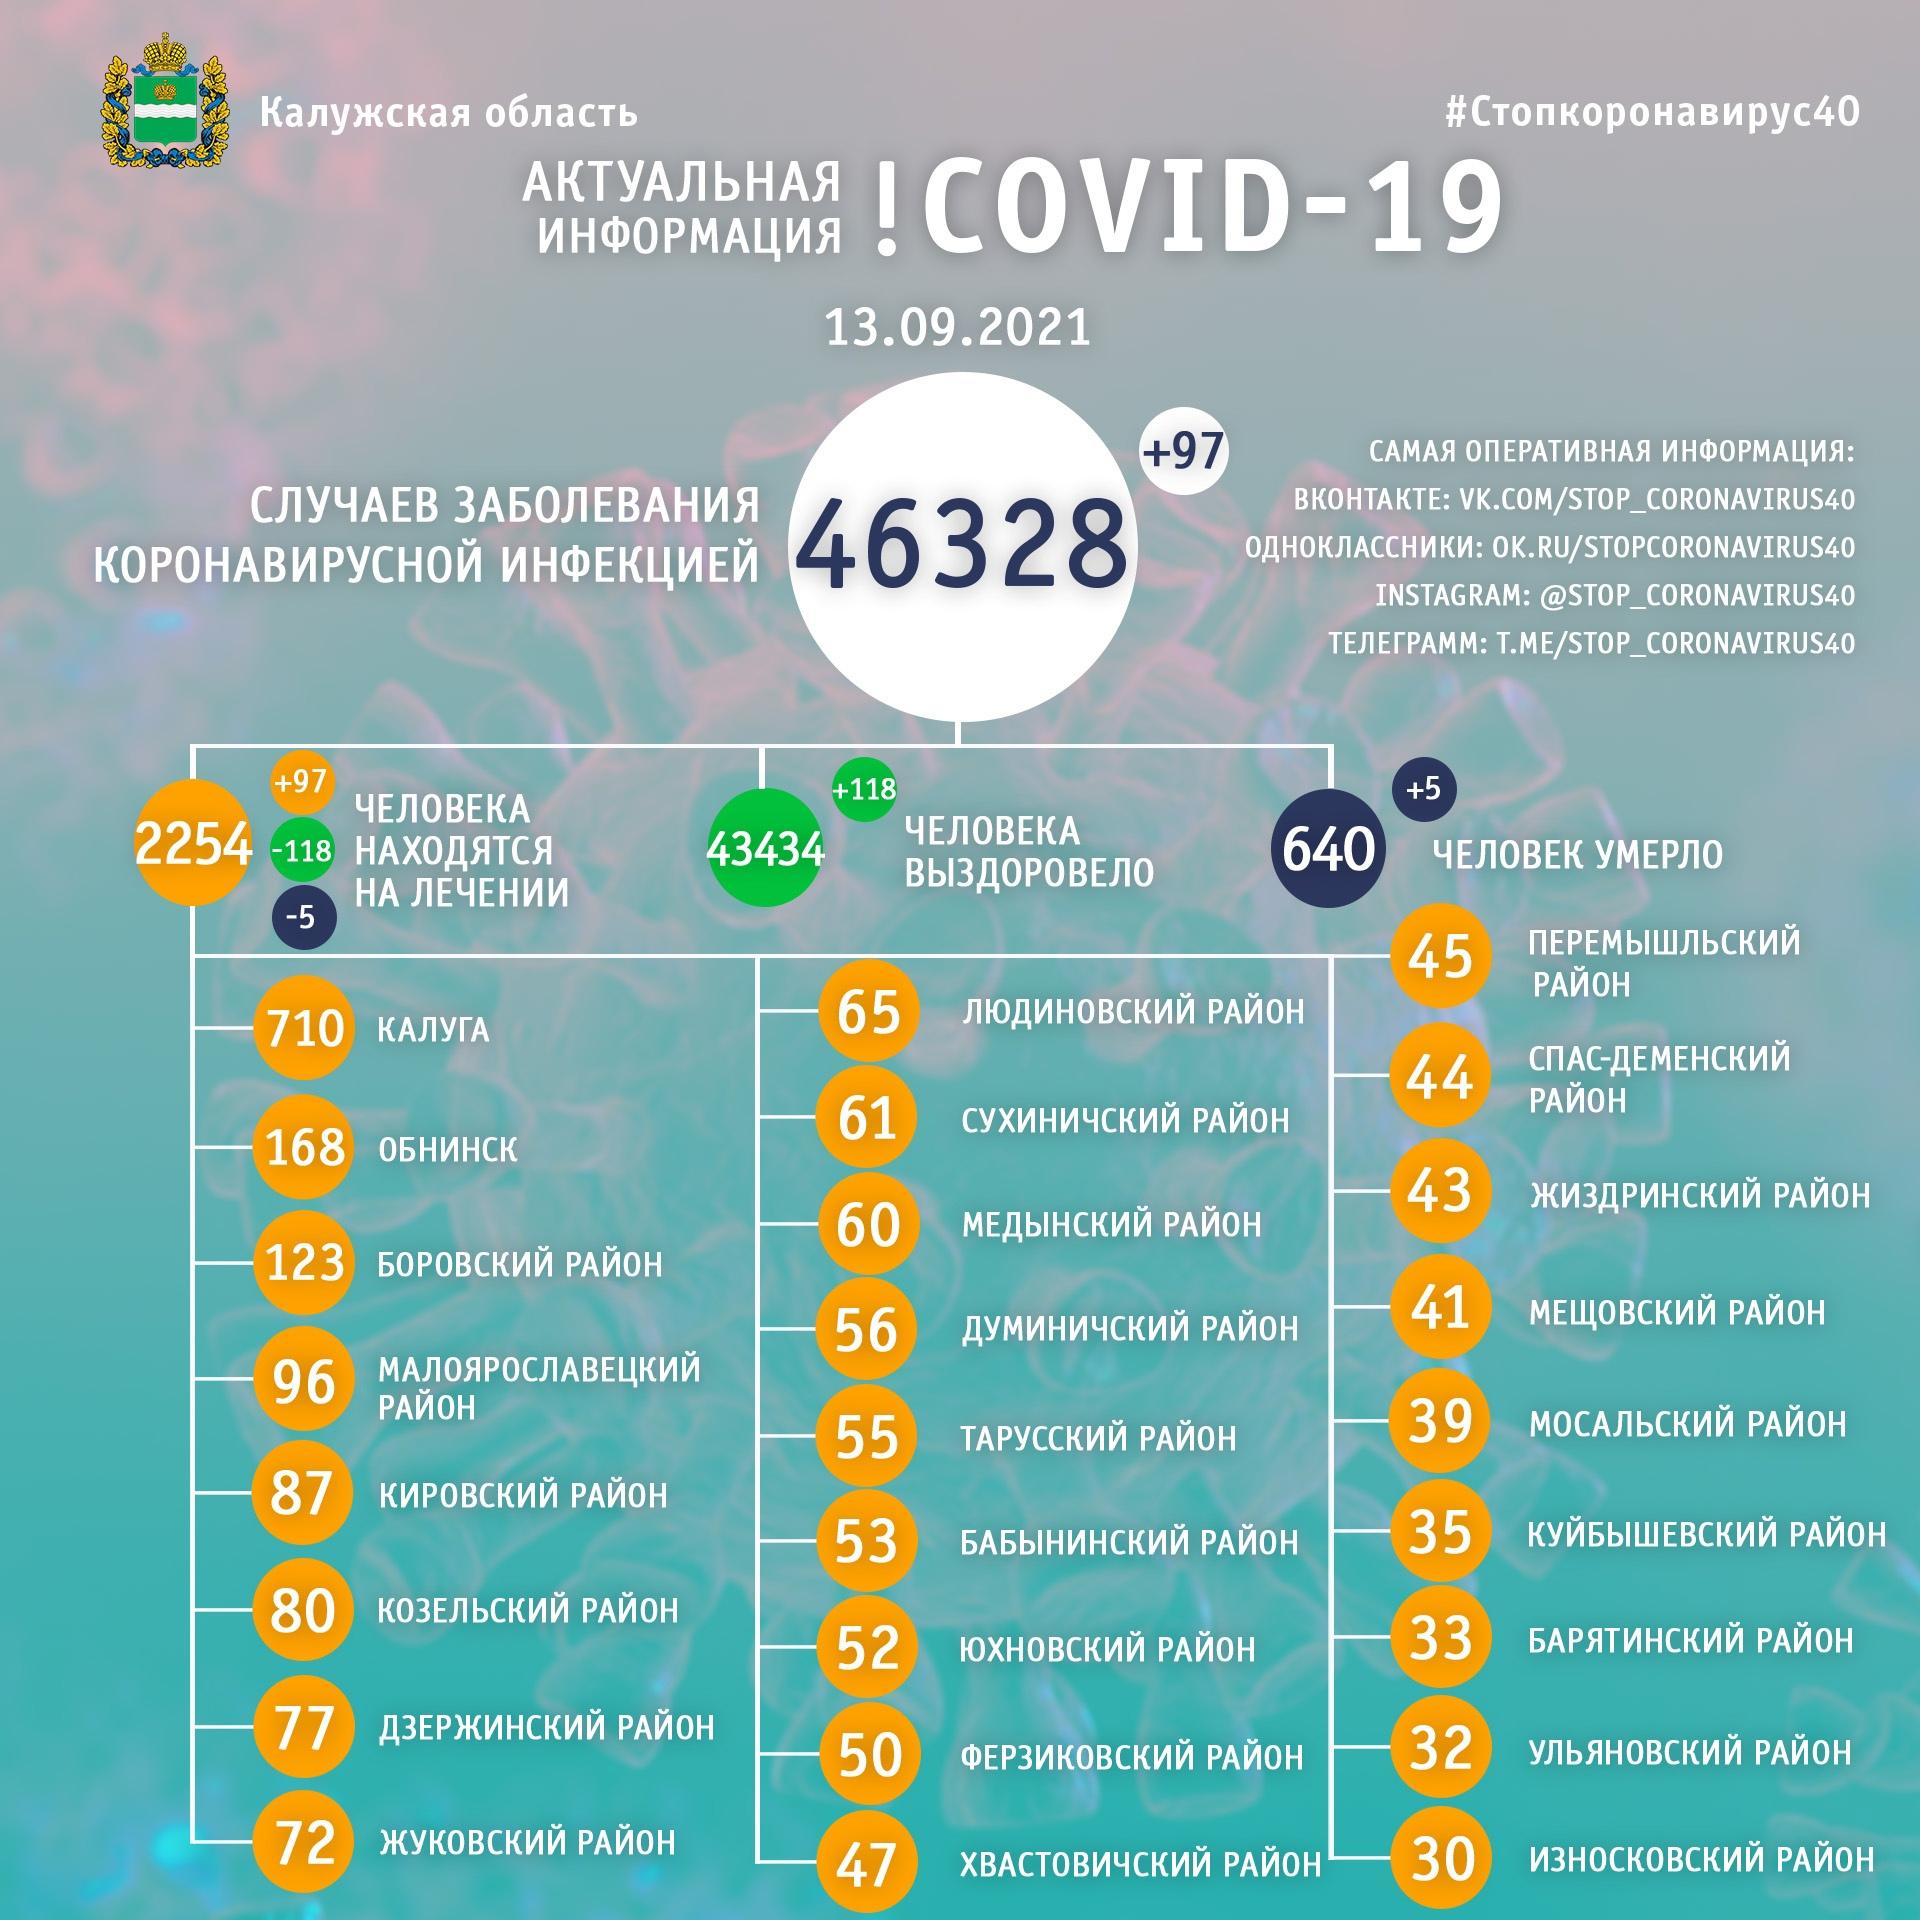 Официальная статистика по коронавирусу в Калужской области на 13 сентября 2021 года.